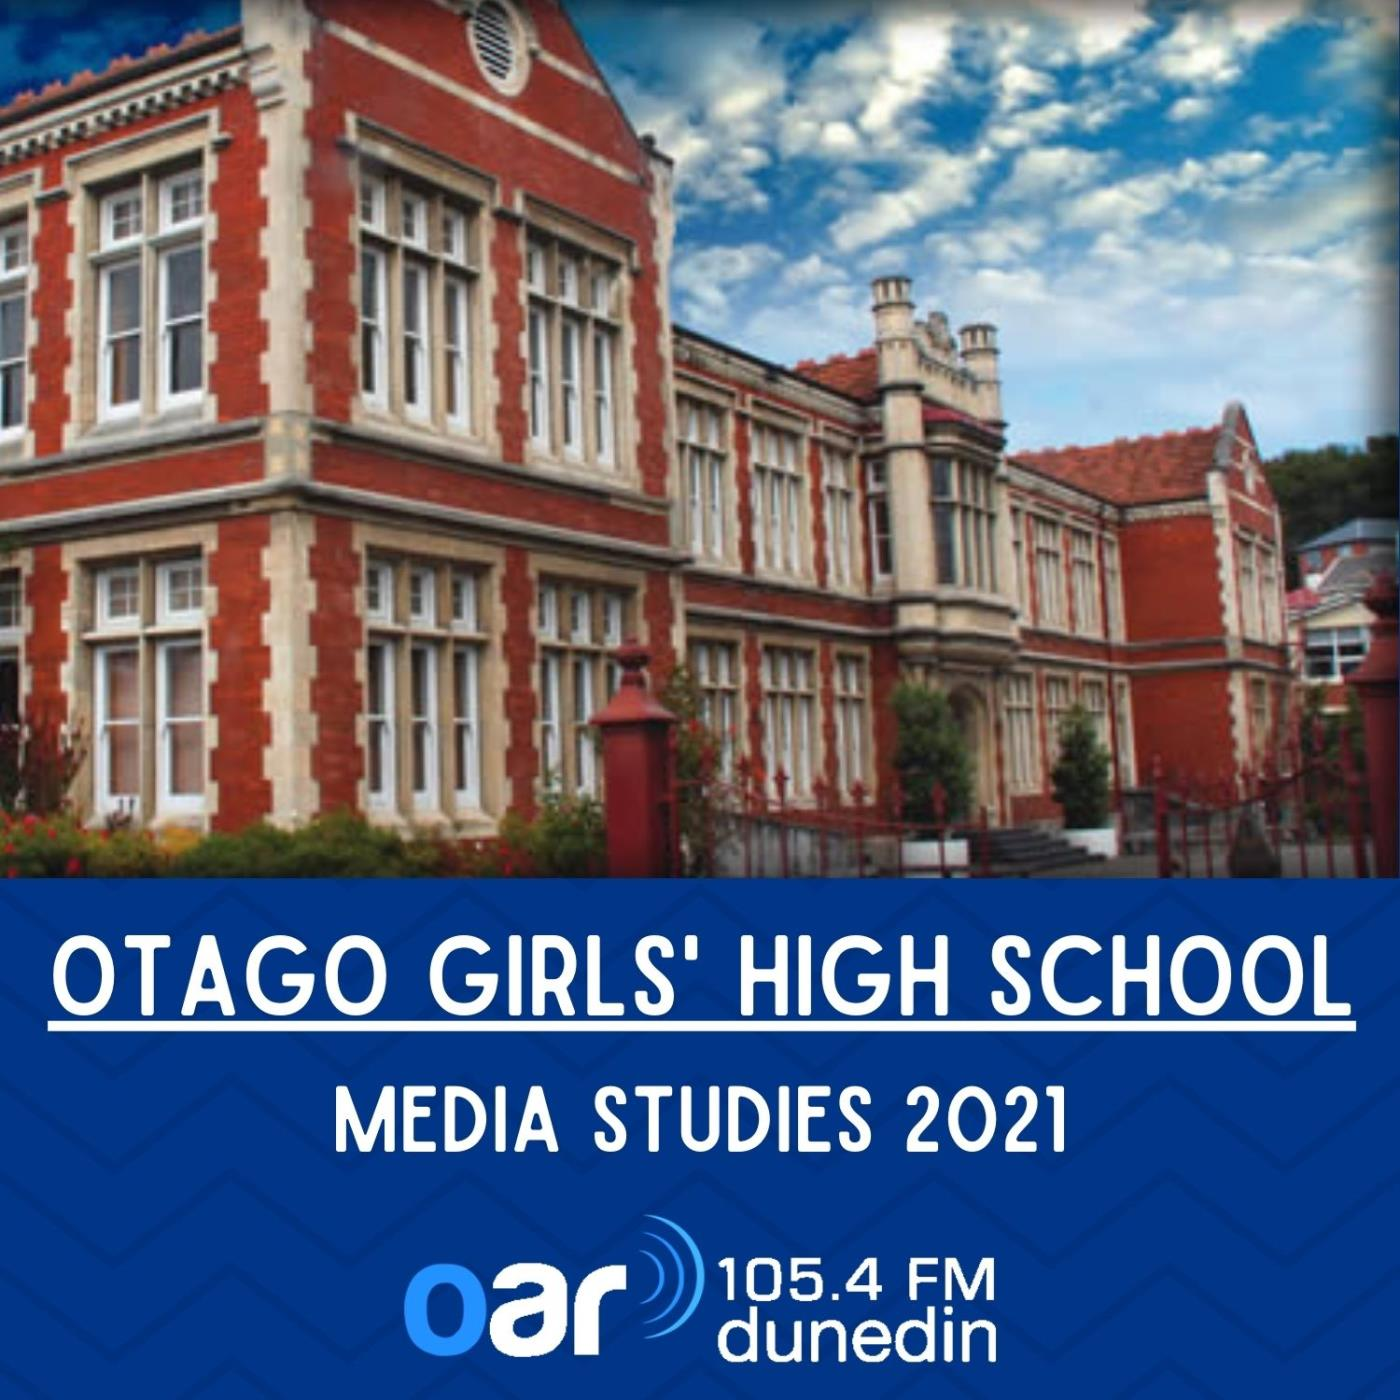 Otago Girls' High School 2021